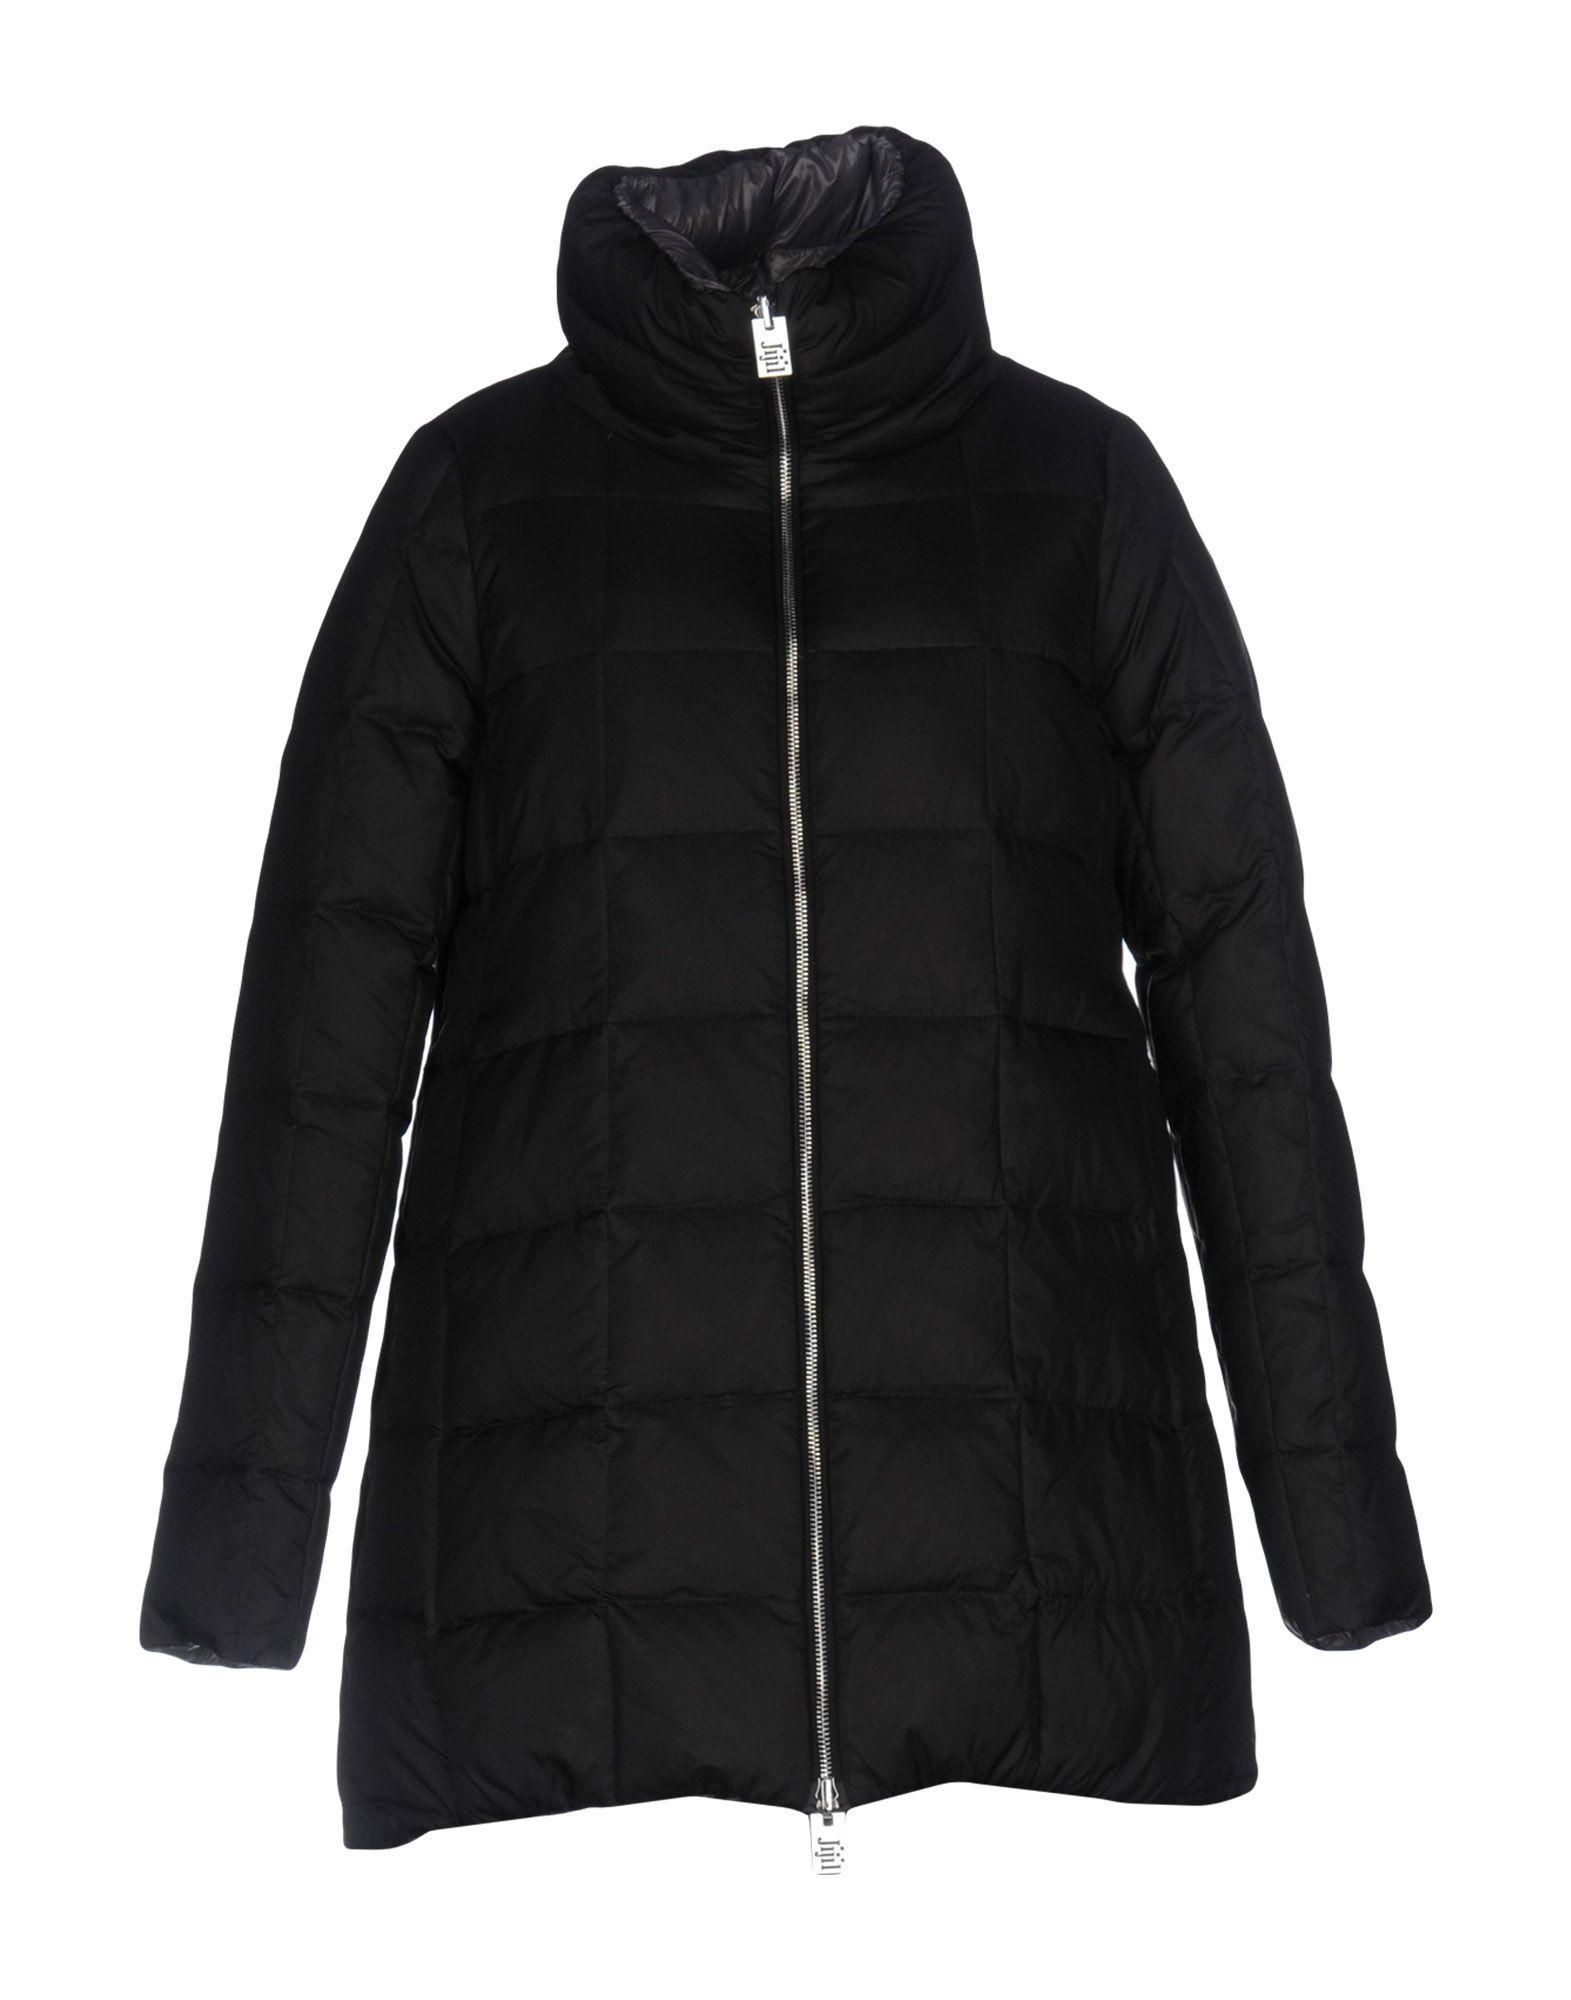 Jijil Down Jackets In Black